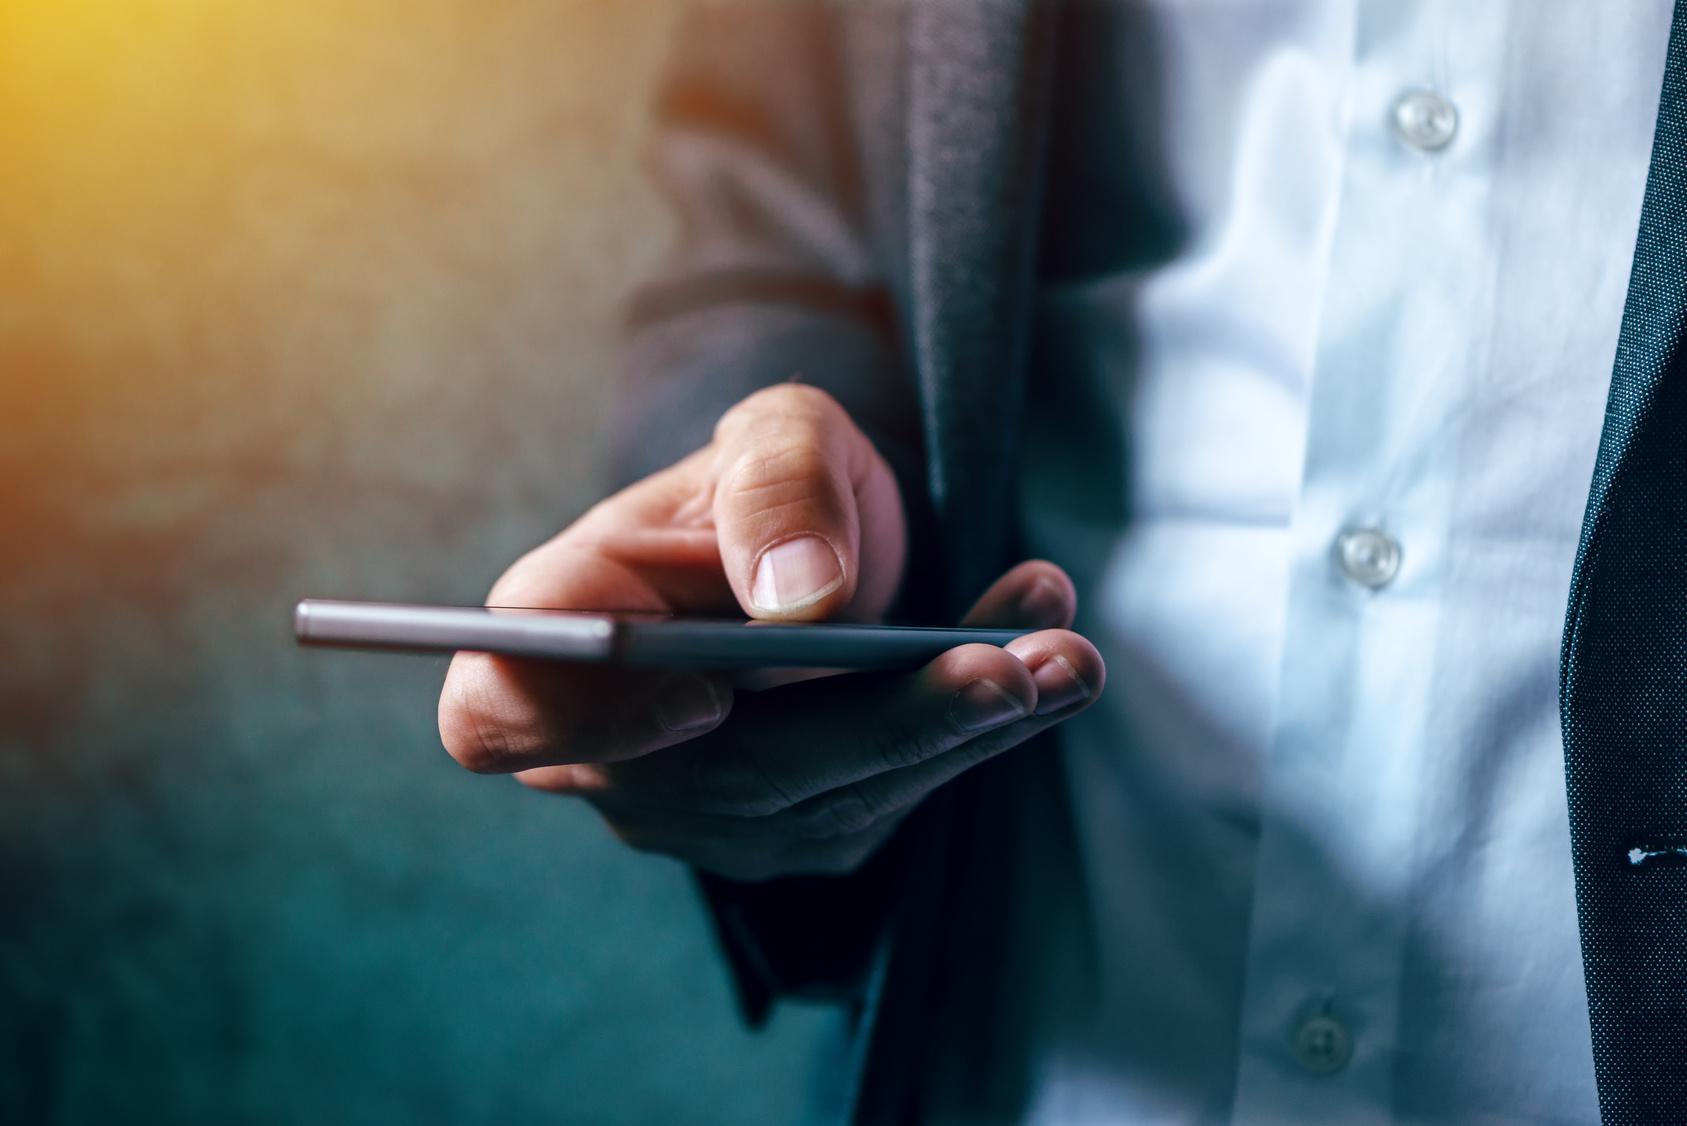 Machen Smartphones krank? – So reduzieren Sie die Belastung